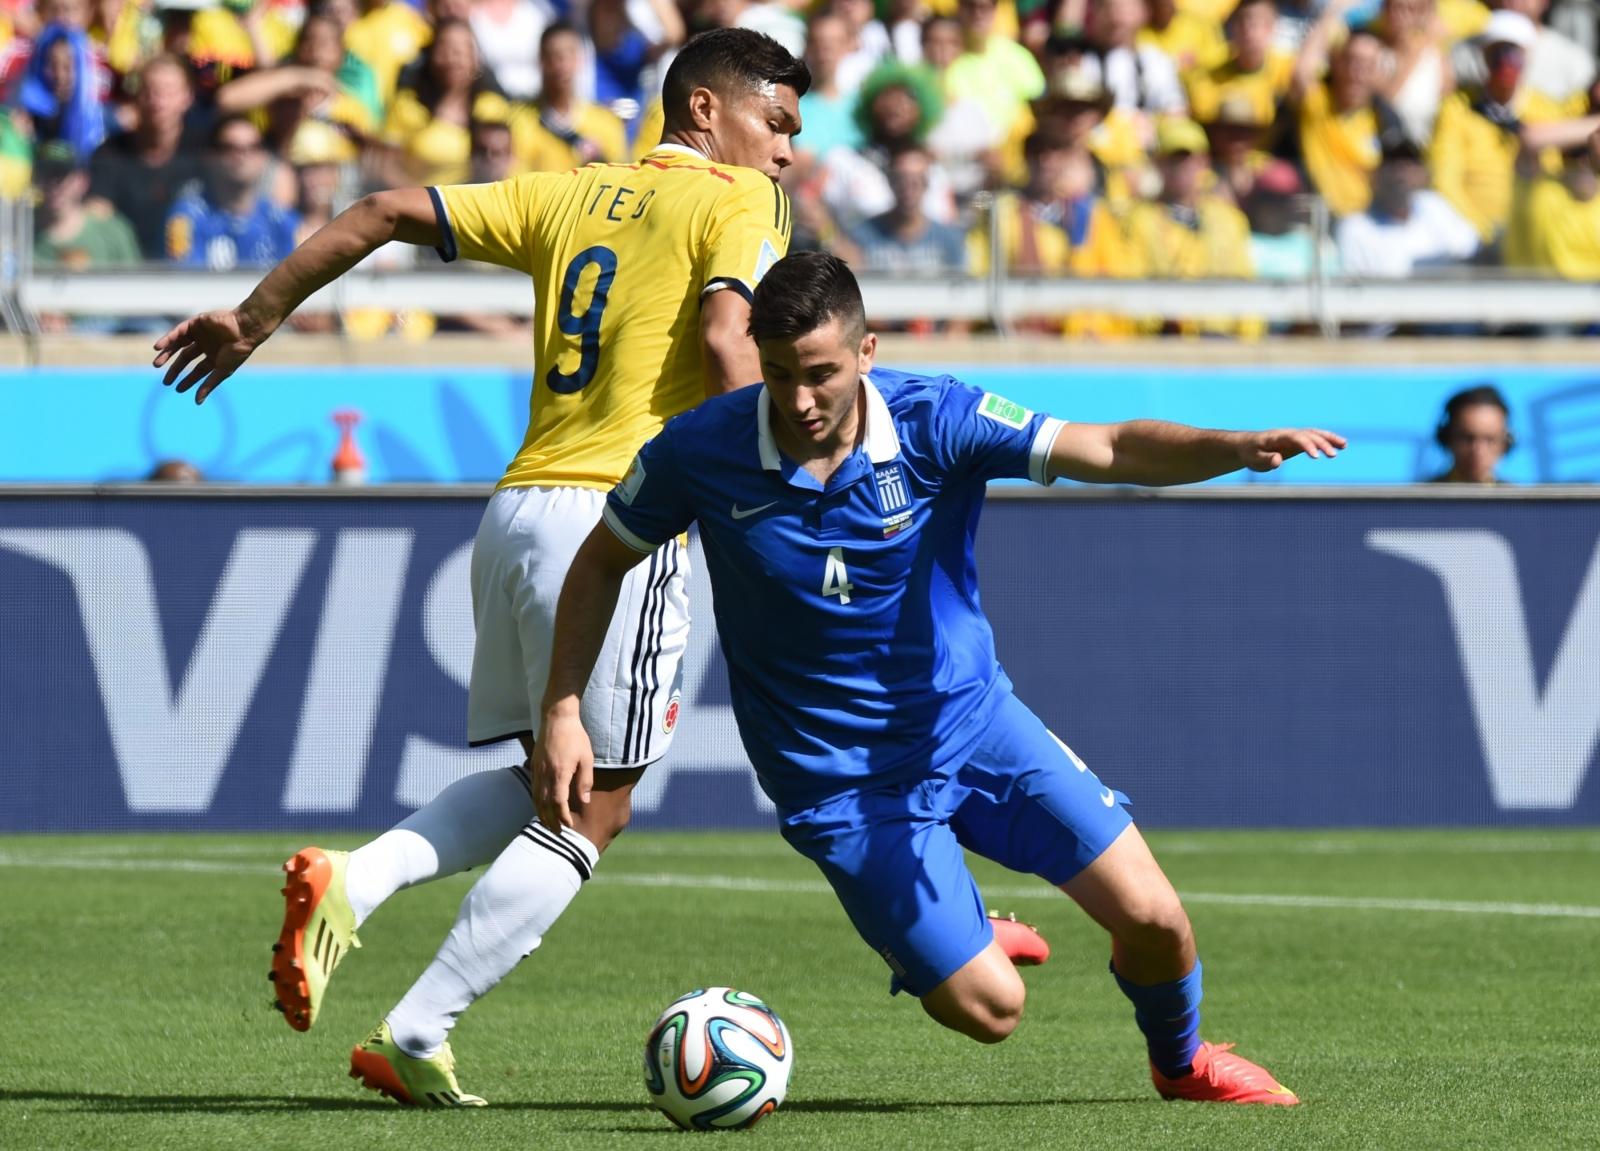 Teofilo Gutierrez in action against Greece's defender Konstantinos Manolas